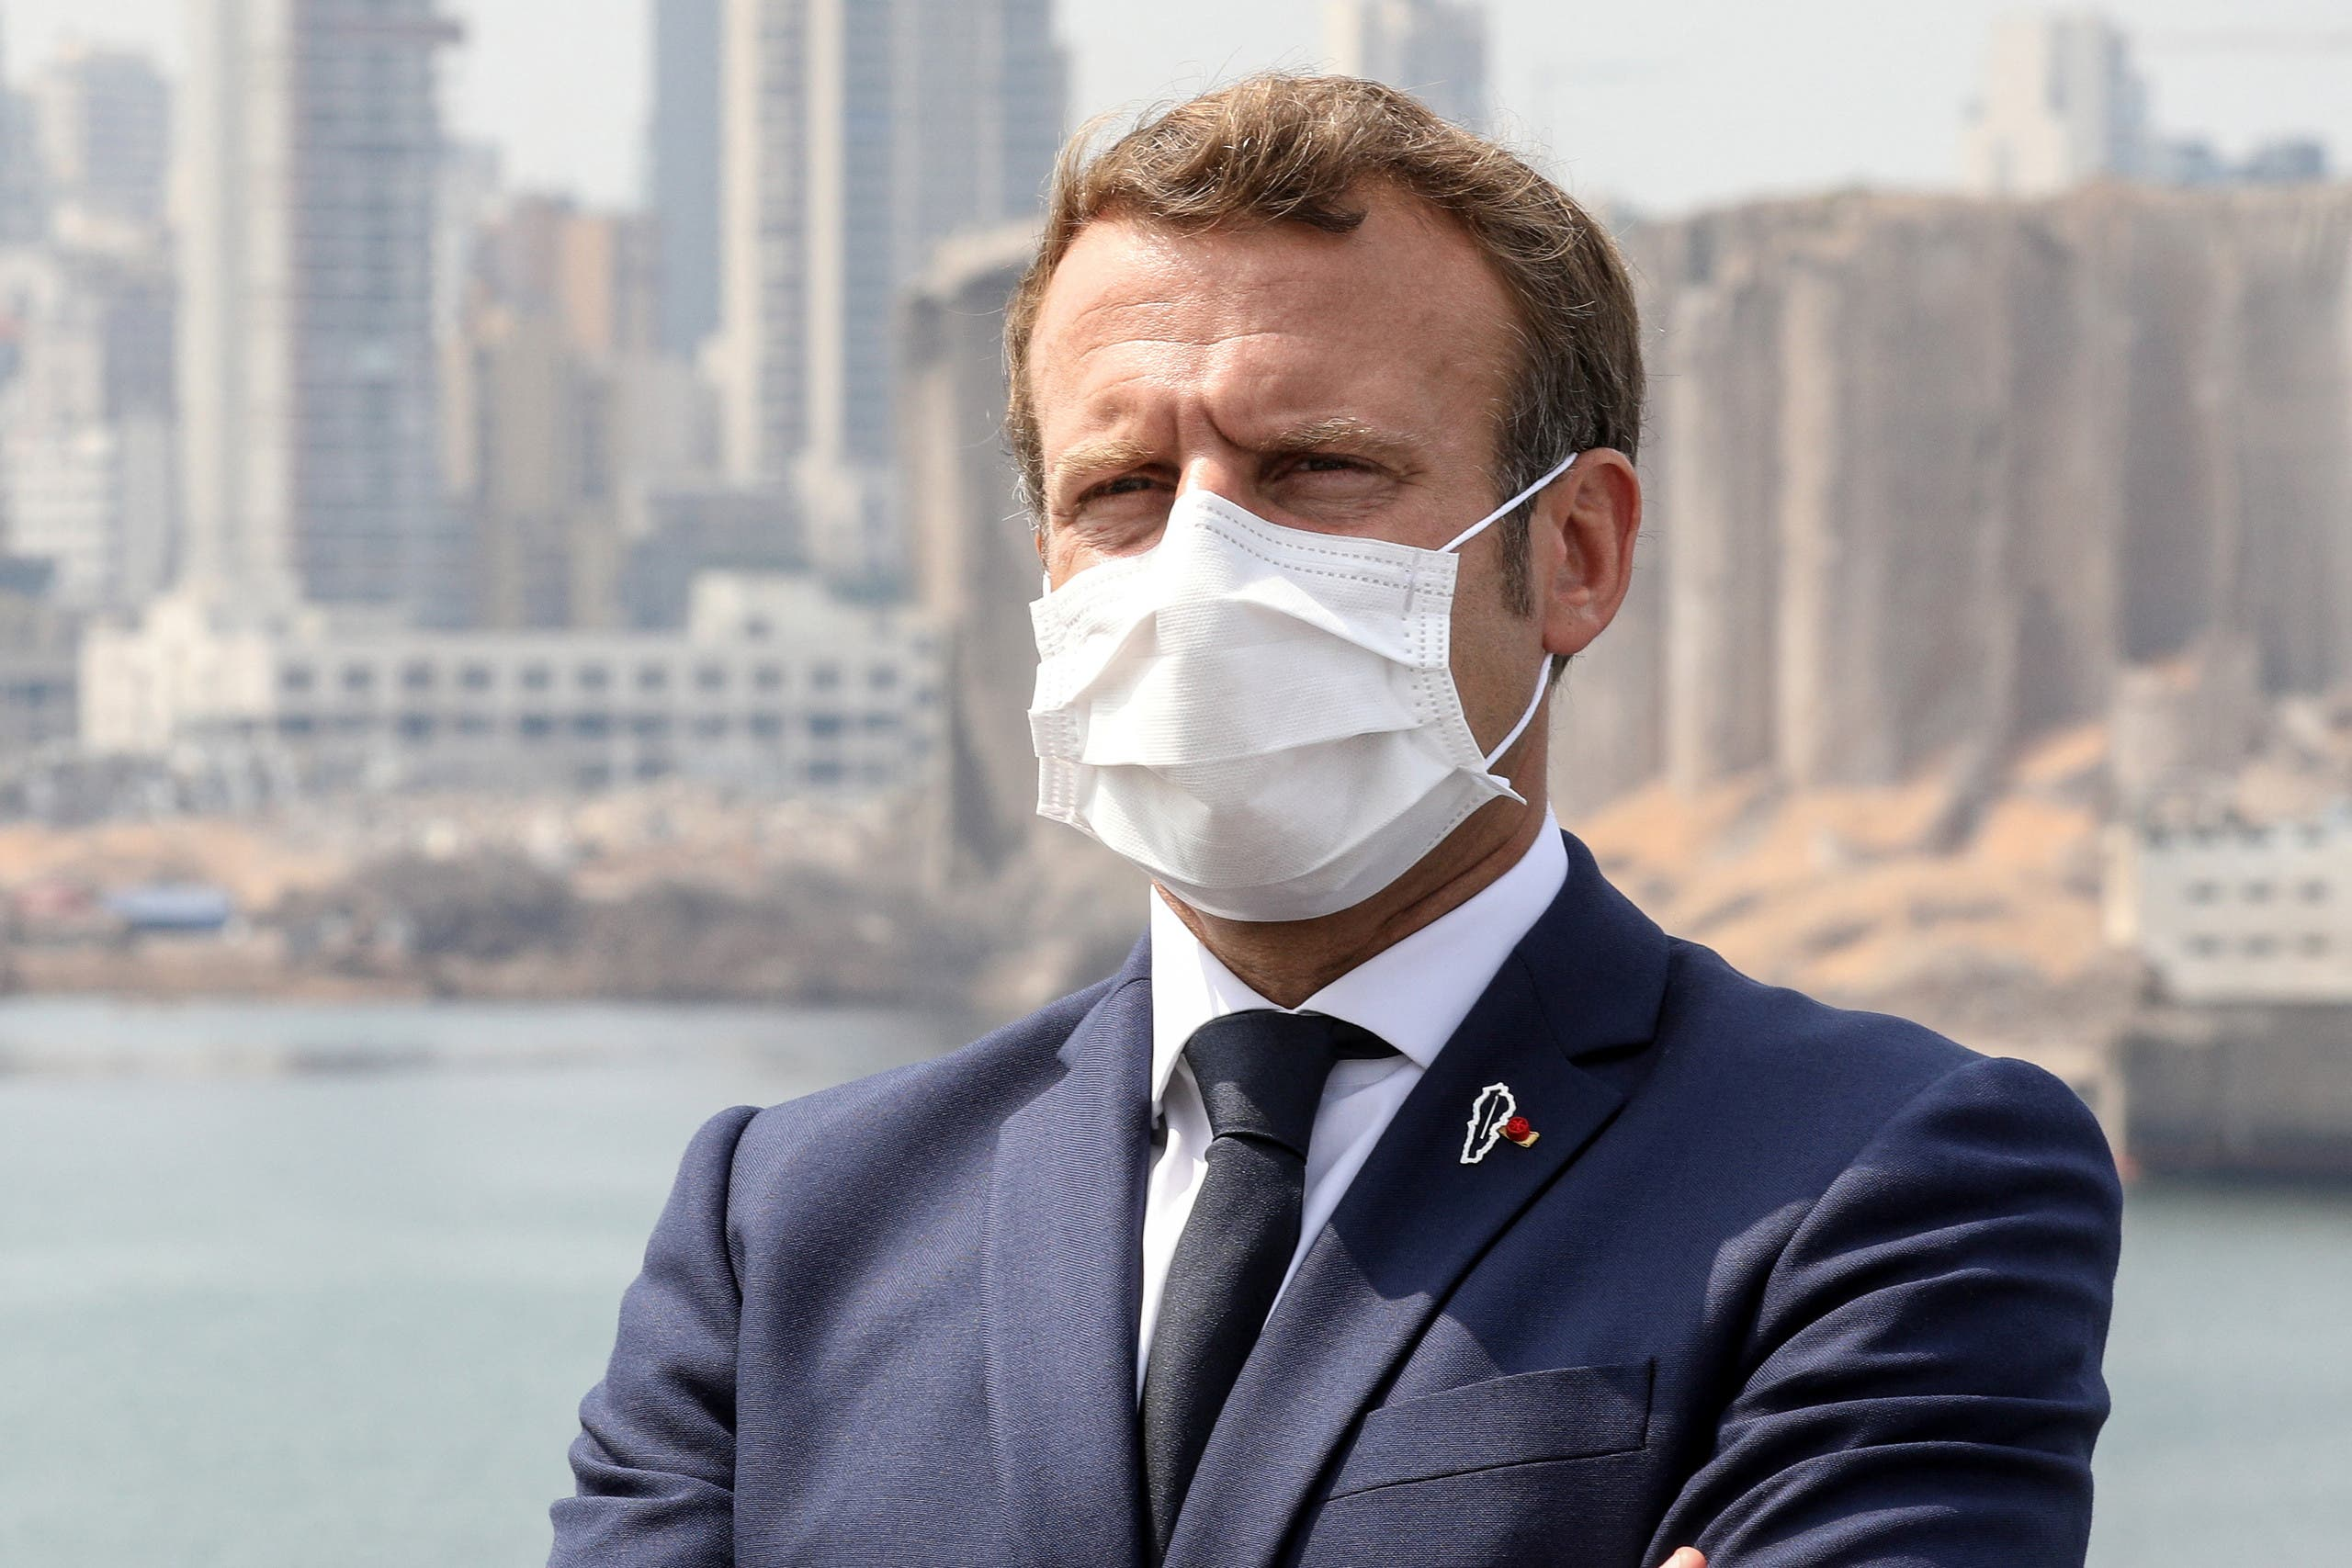 الرئيس الفرنسي ايمانويل ماكرون خلال زيارته للبنان في سبتمبر الماضي